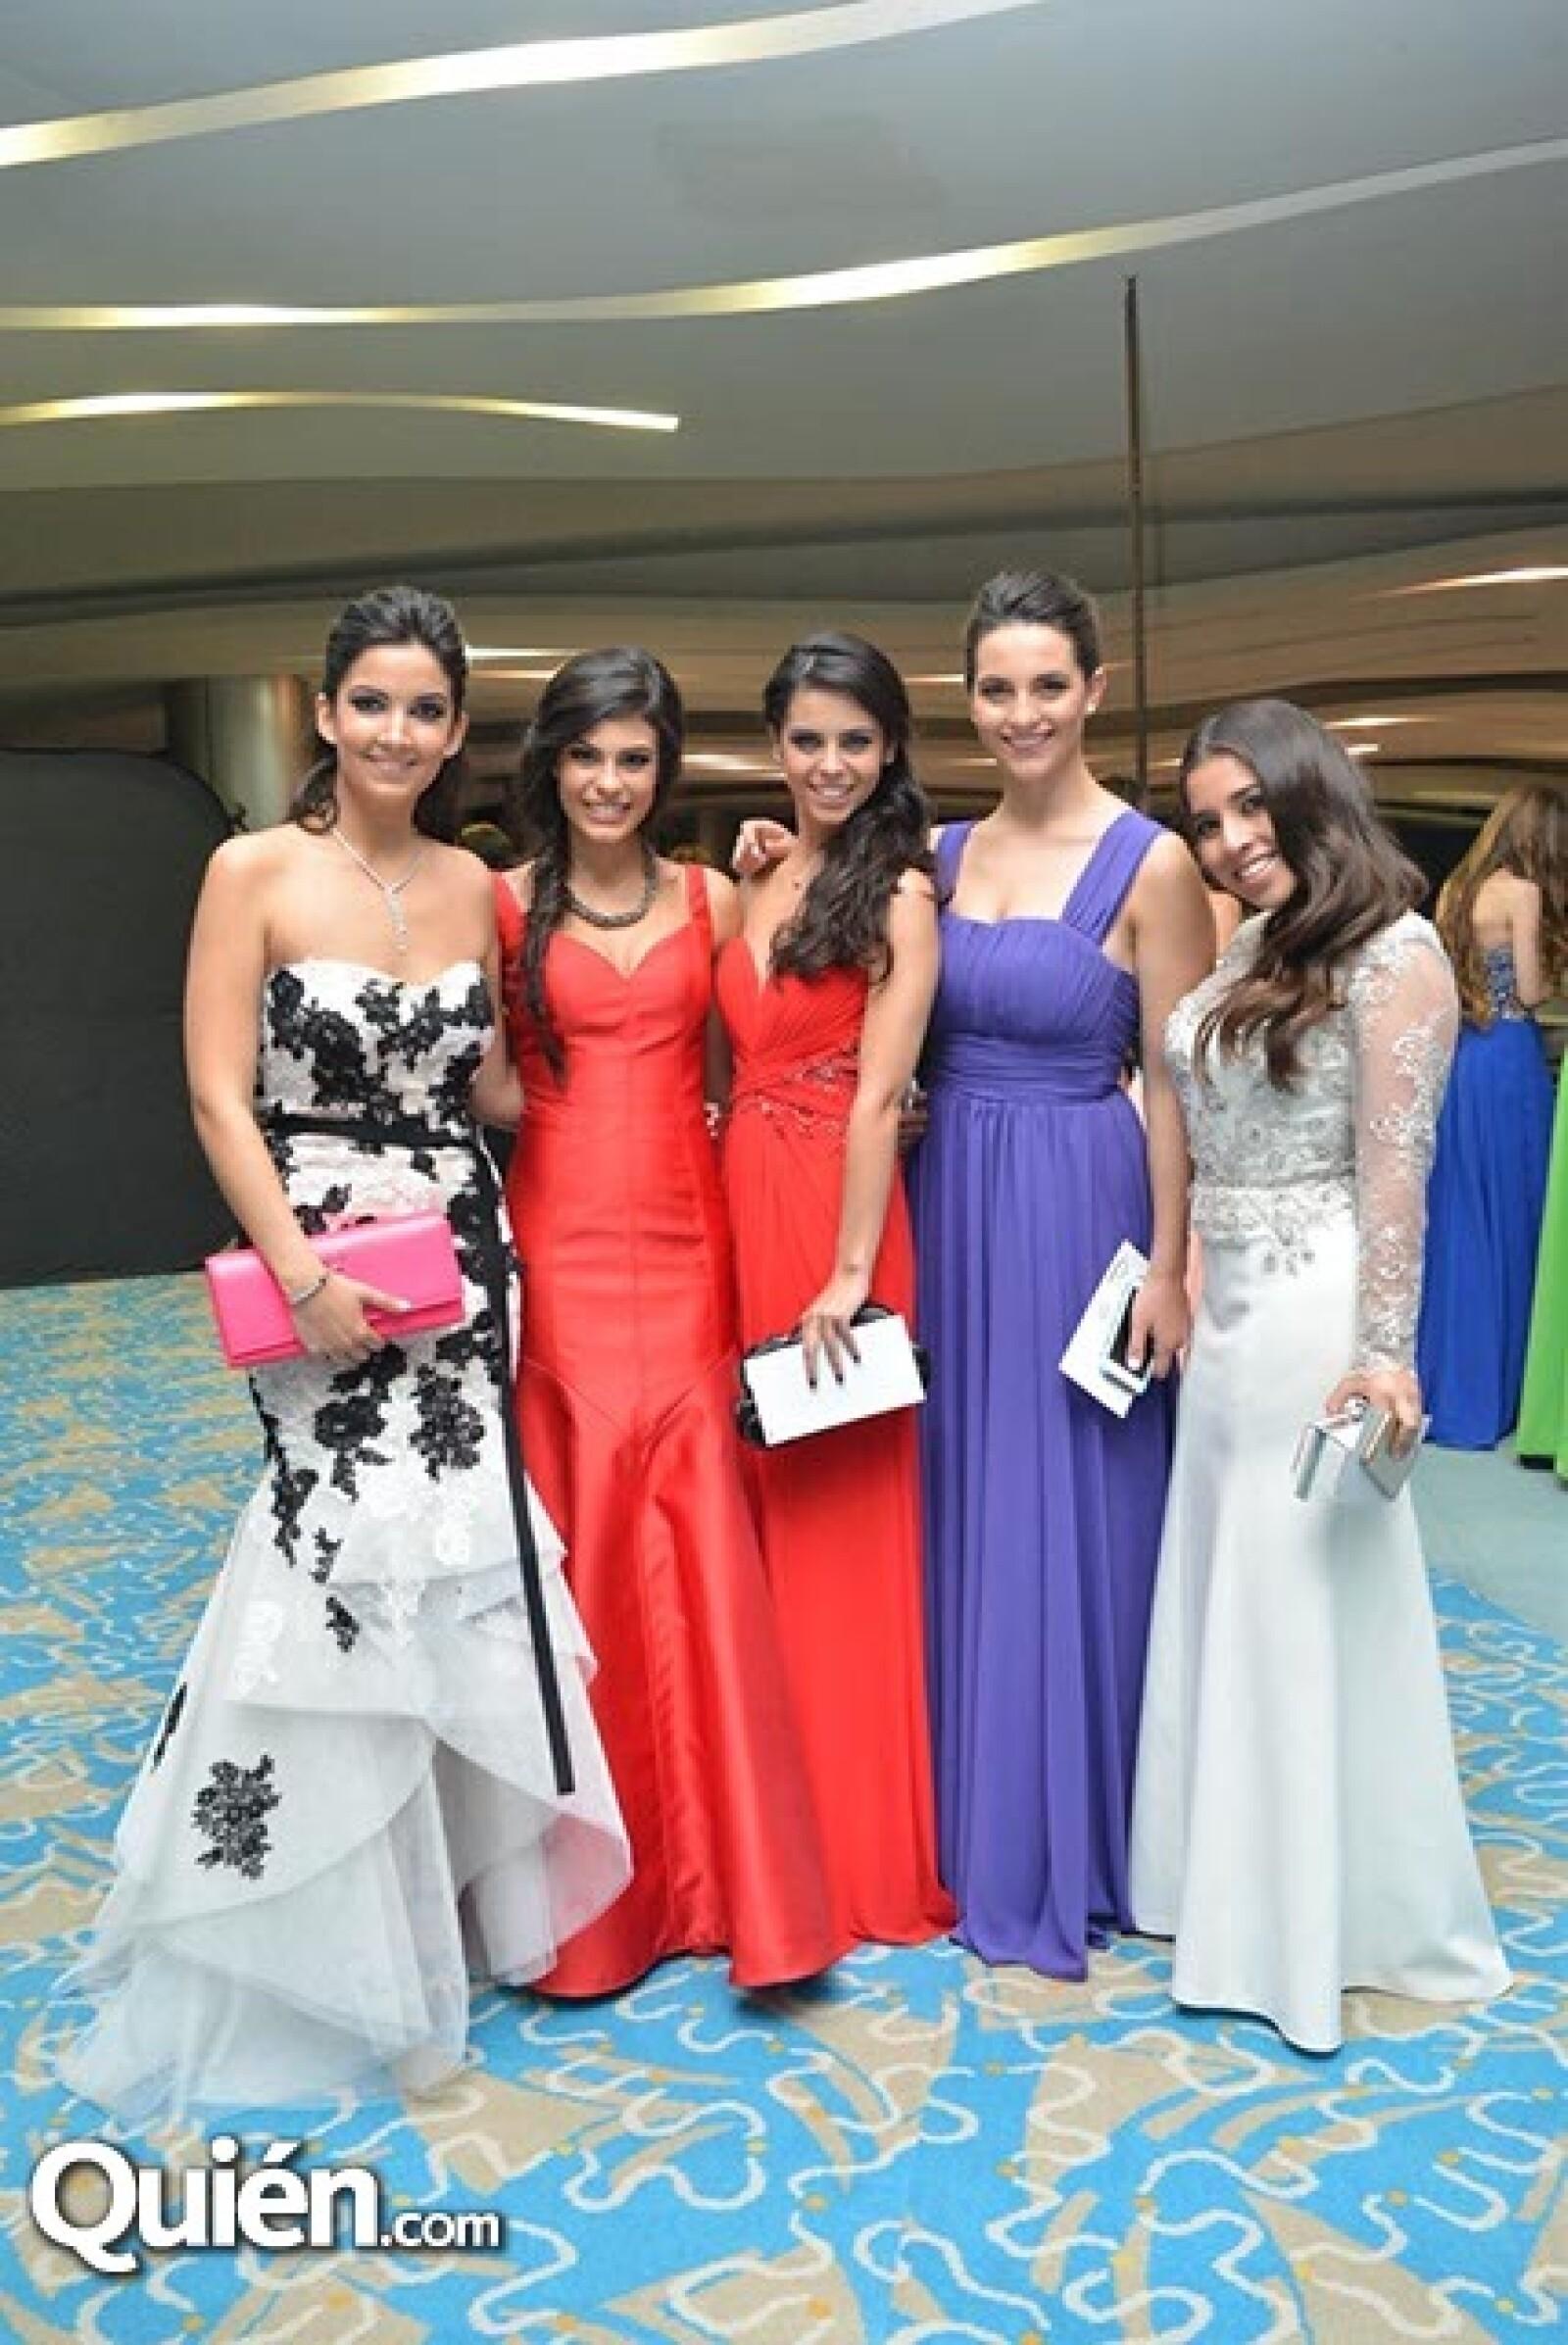 Pamela López,Fer Orozco,Andrea García,Lina Zuñiga y Renata Tello de Menéses.